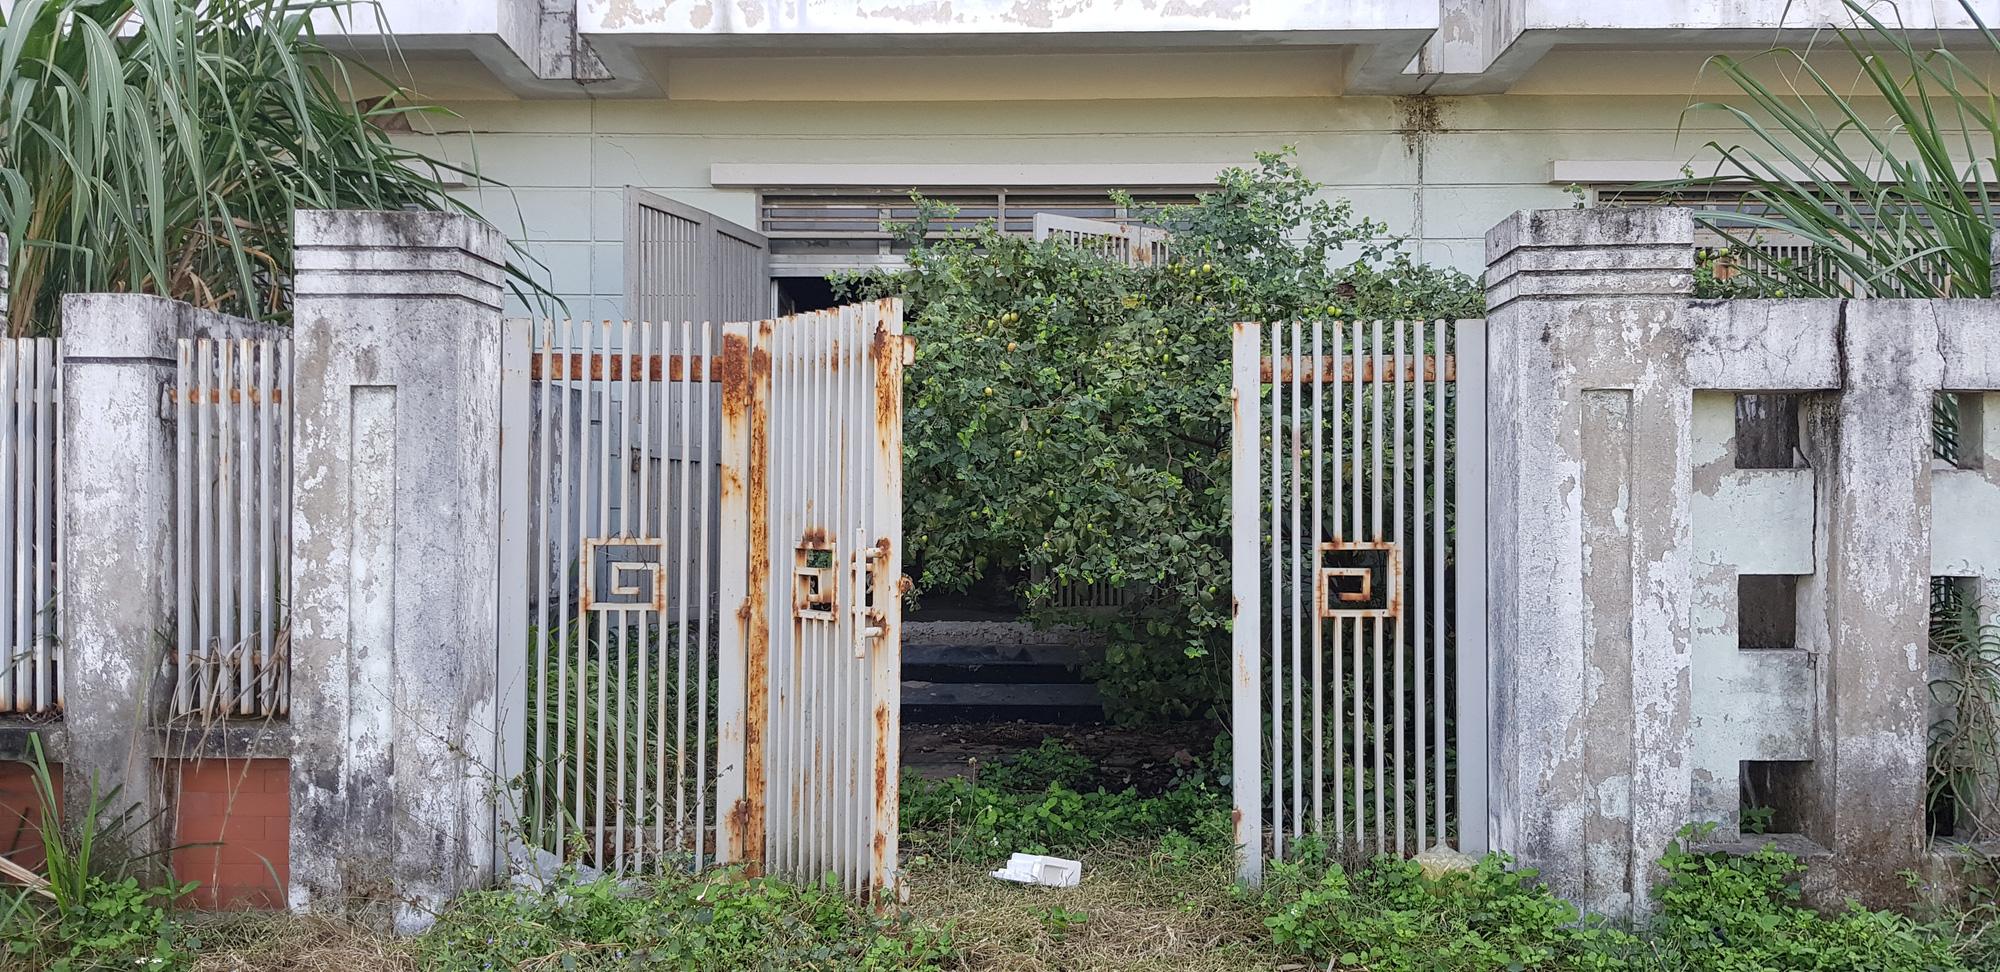 Năm 2020 huyện Hoài Đức thành quận: Liền kề, biệt thự HUD Vân Canh giá vài tỉ đồng để hoang, đón qui hoạch?  - Ảnh 11.